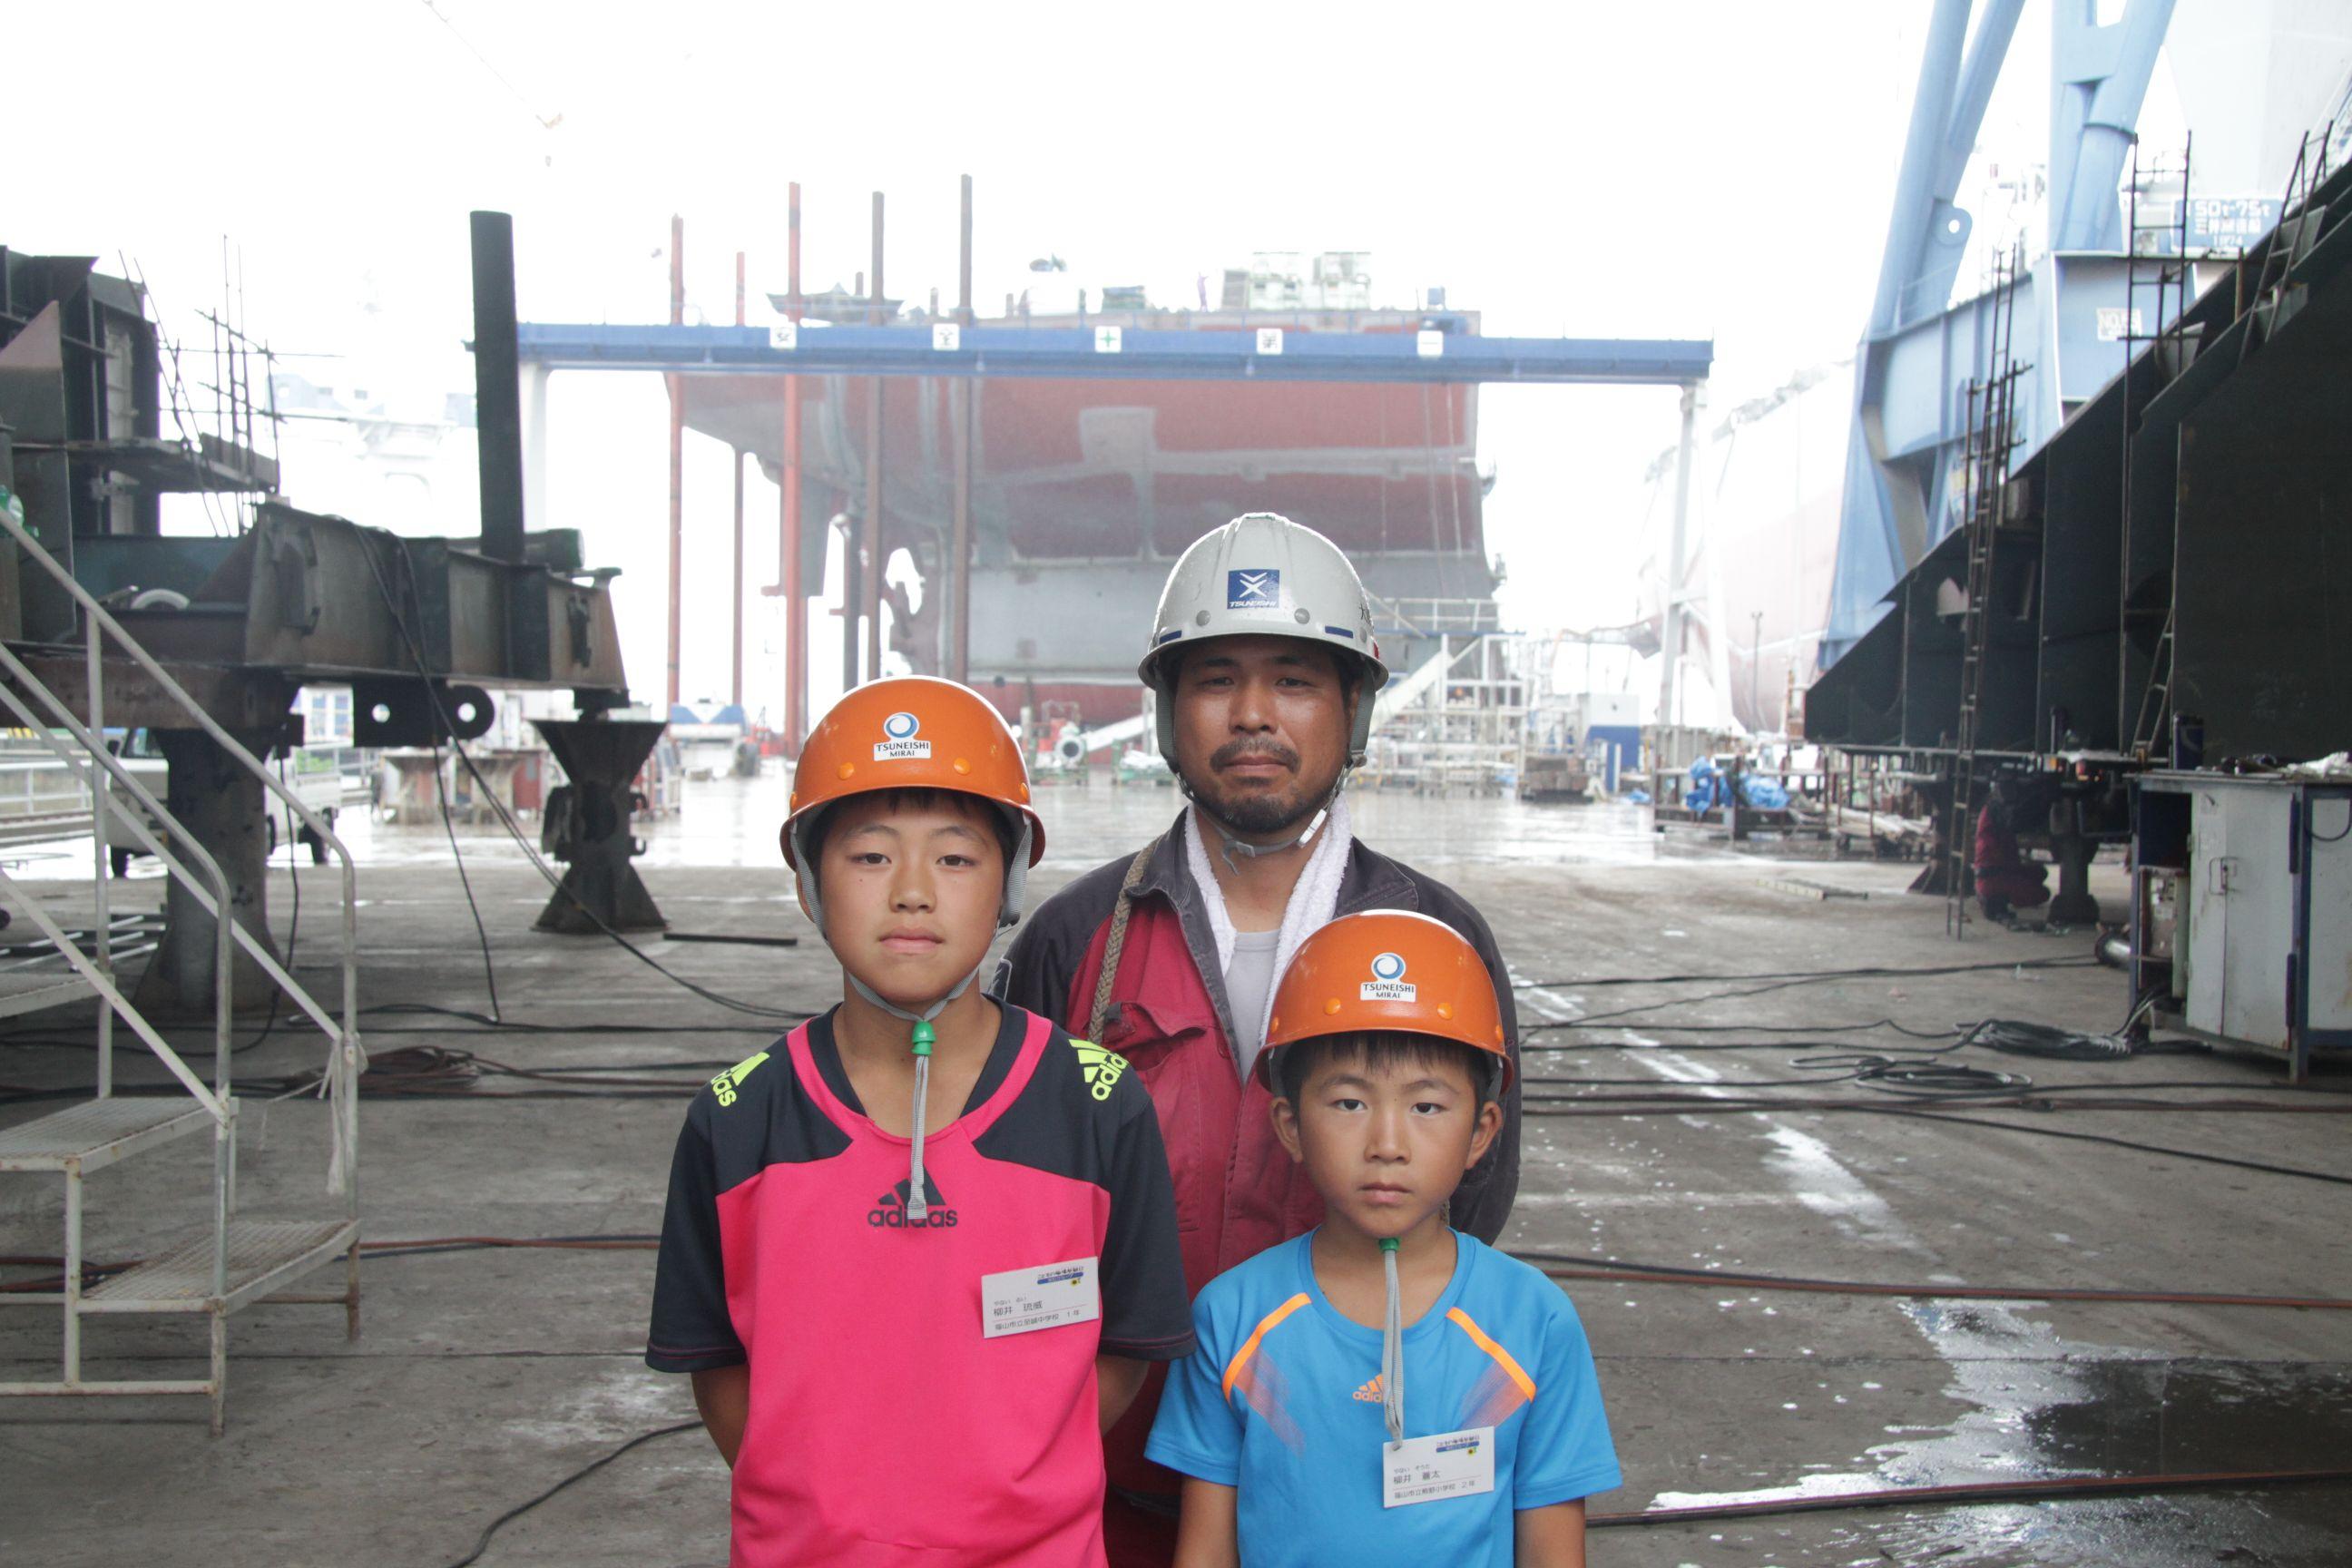 常石造船こどもの職場参観日には、協力会社の従業員の子ども8人が参加